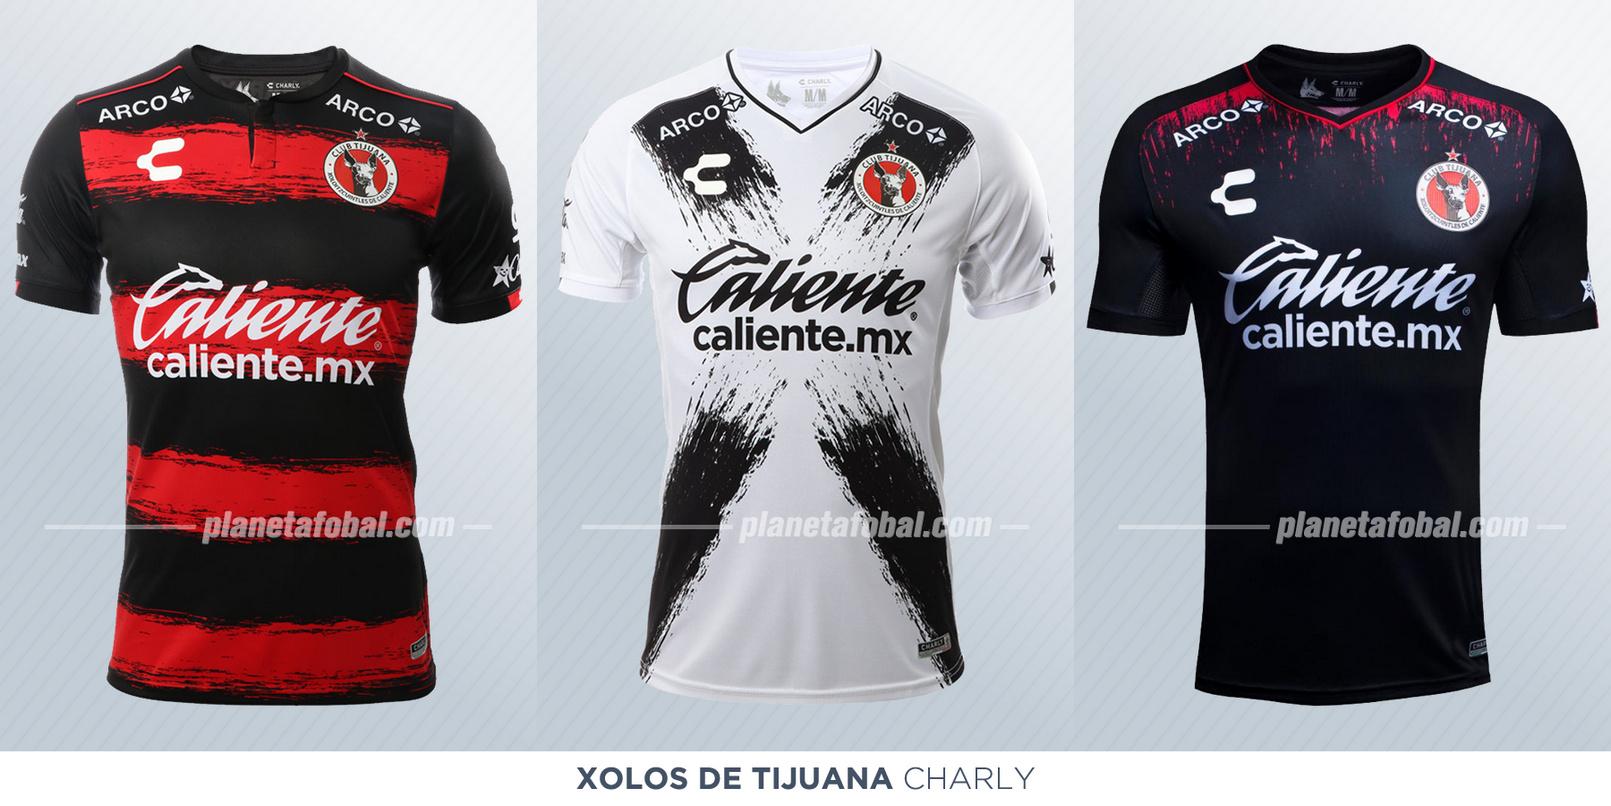 d566c02acbfdc Camisetas de los Xolos de Tijuana (Charly)